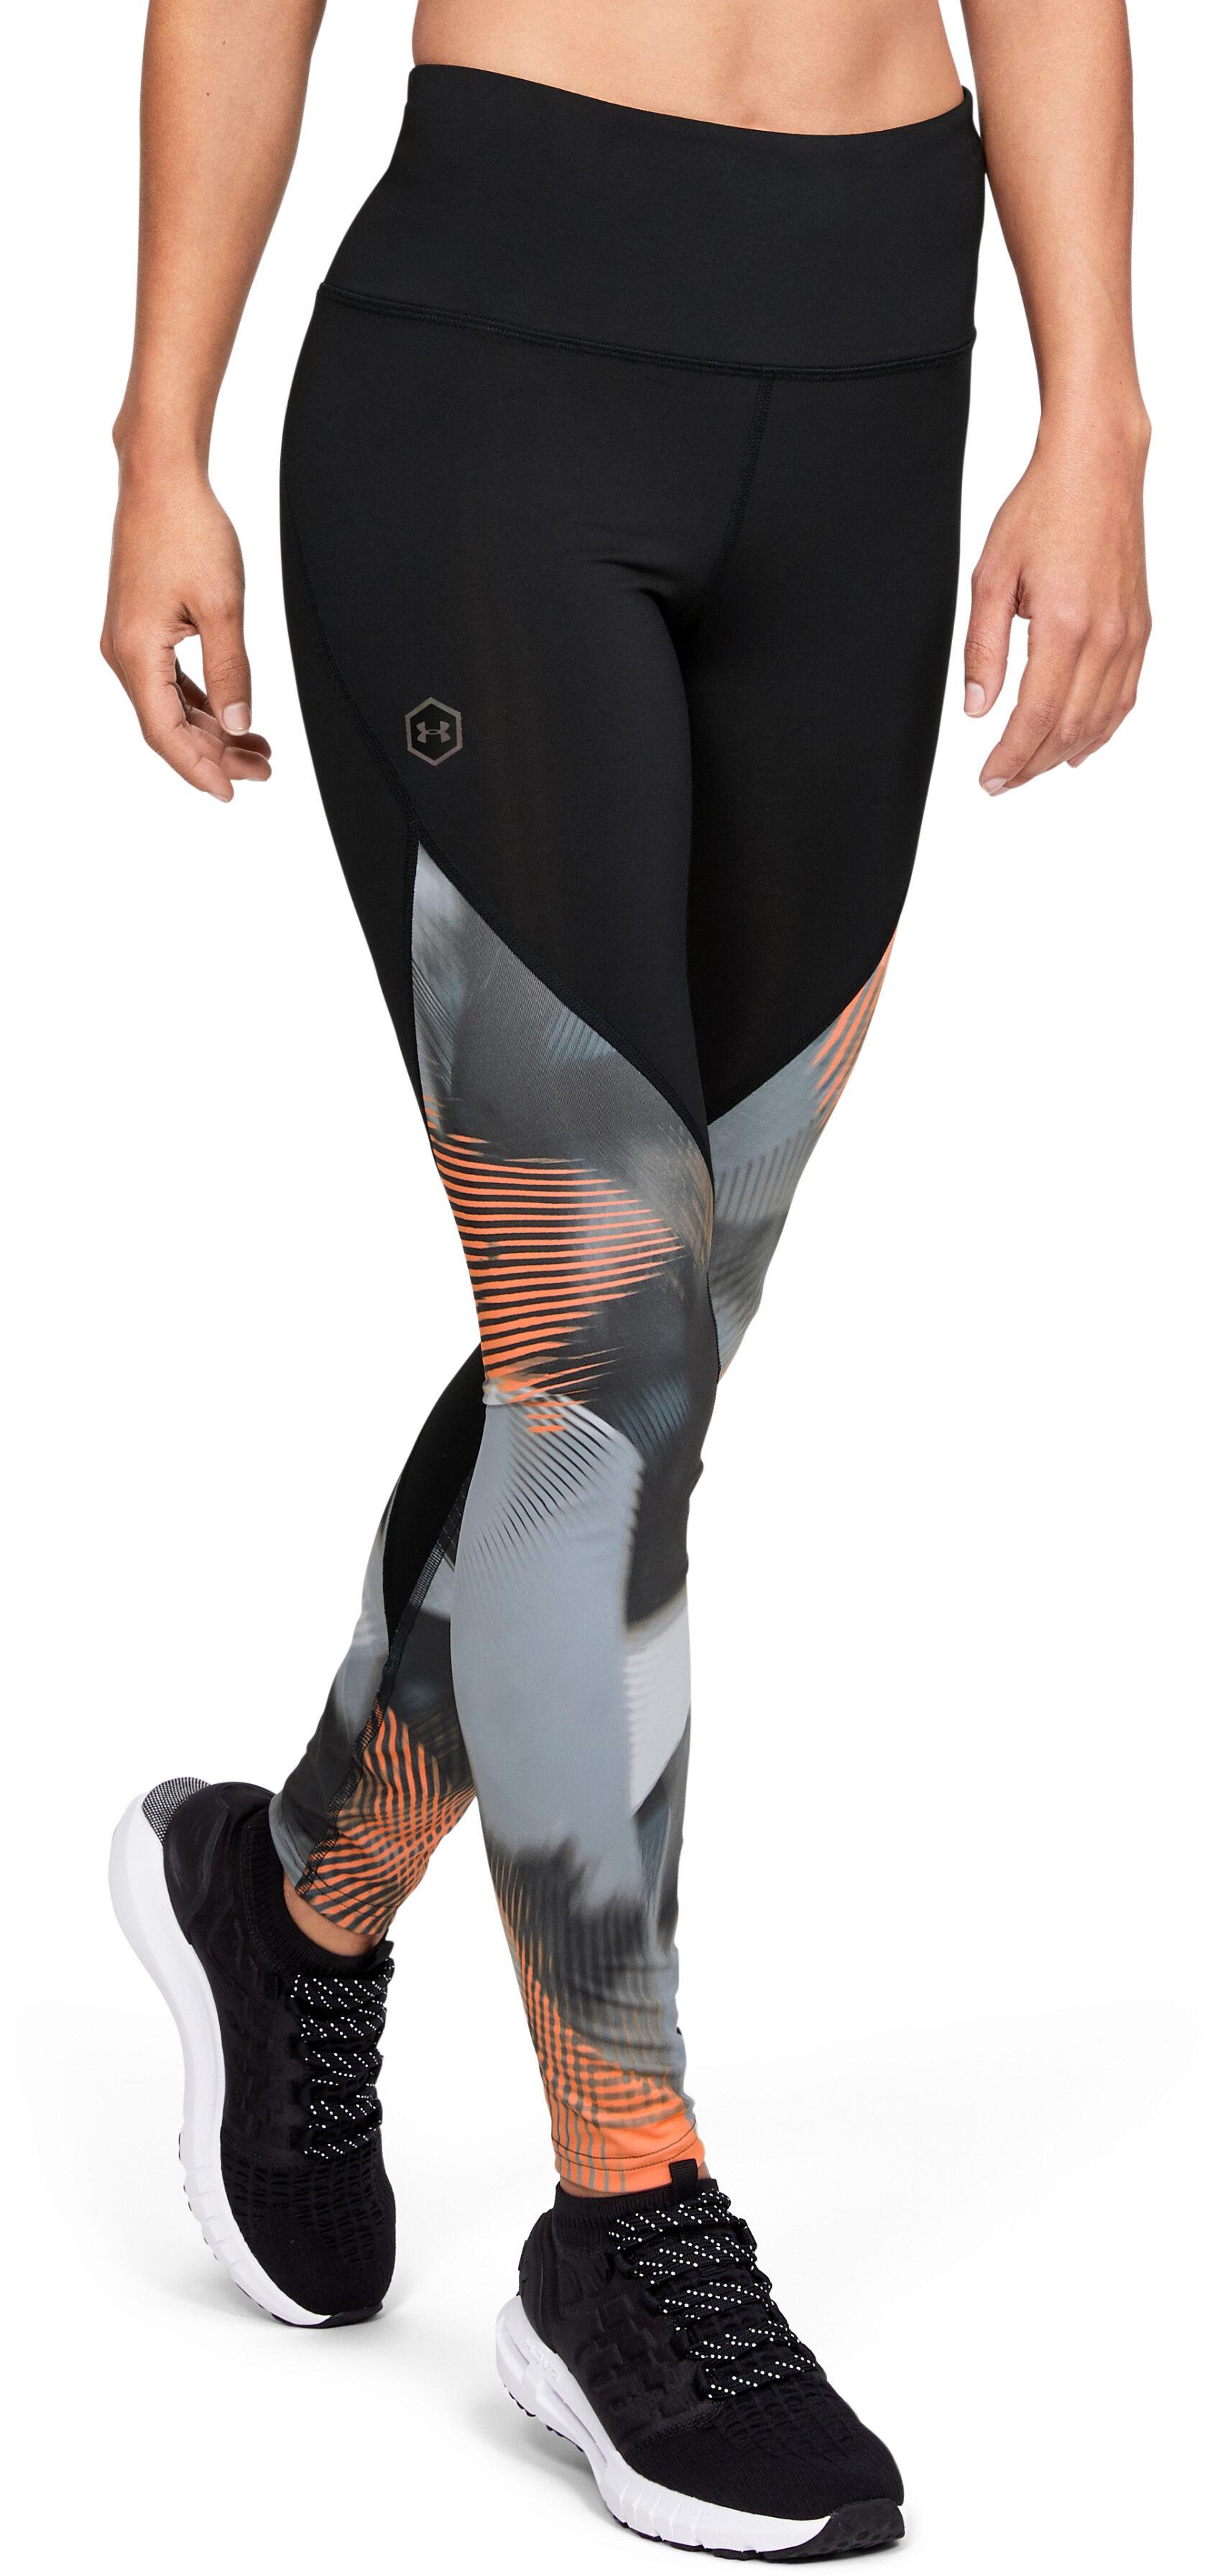 Fitnesz Szűkszárú nadrágok for Női | Széles választék és a